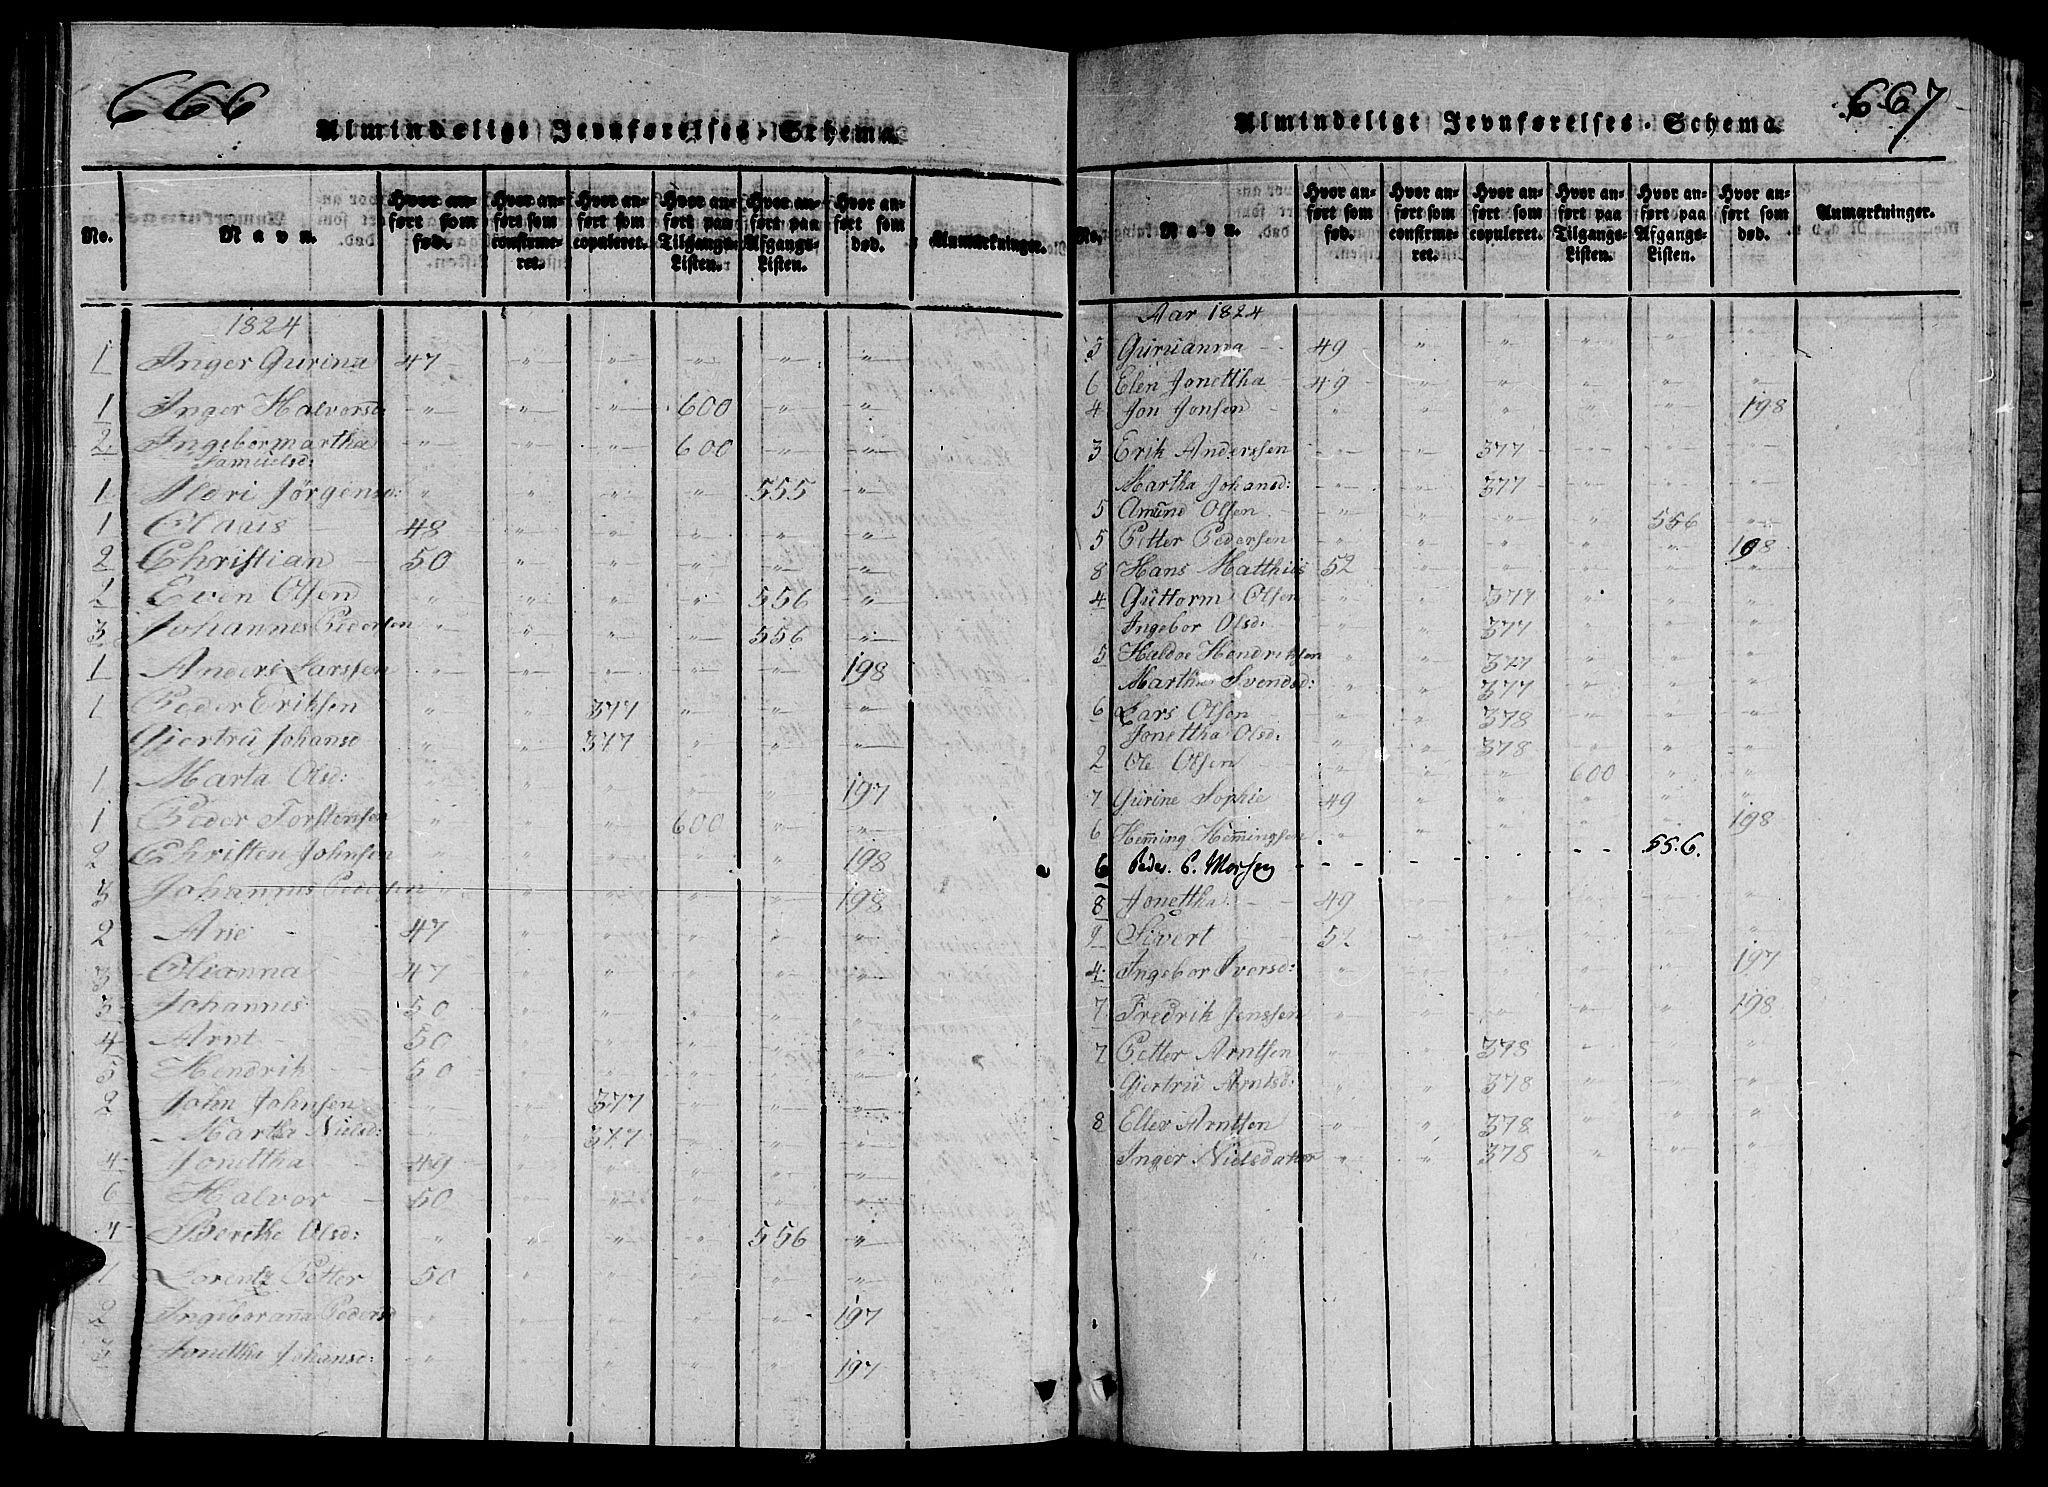 SAT, Ministerialprotokoller, klokkerbøker og fødselsregistre - Nord-Trøndelag, 714/L0132: Klokkerbok nr. 714C01, 1817-1824, s. 666-667